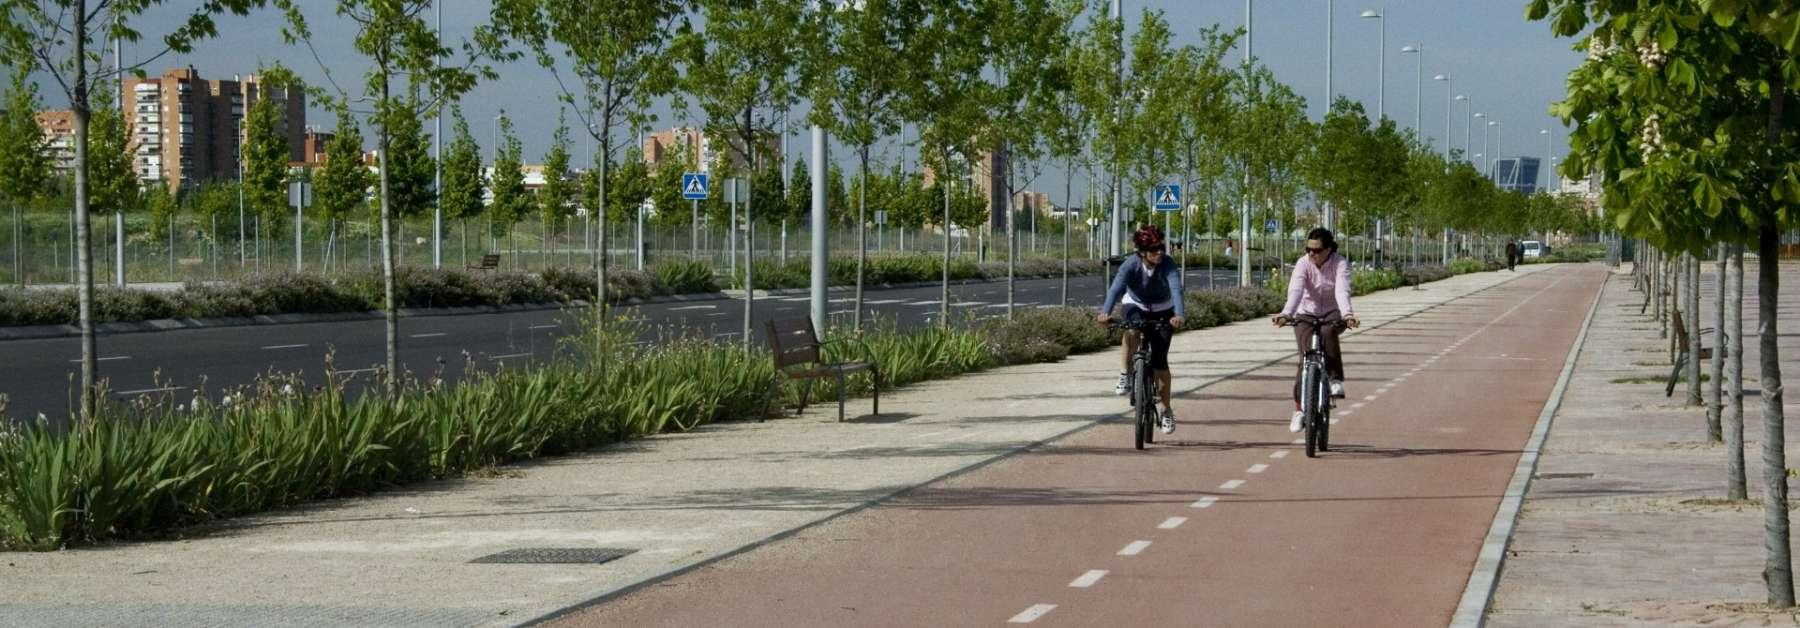 Valdebebas cuenta con <br/> 27 km de carril bici